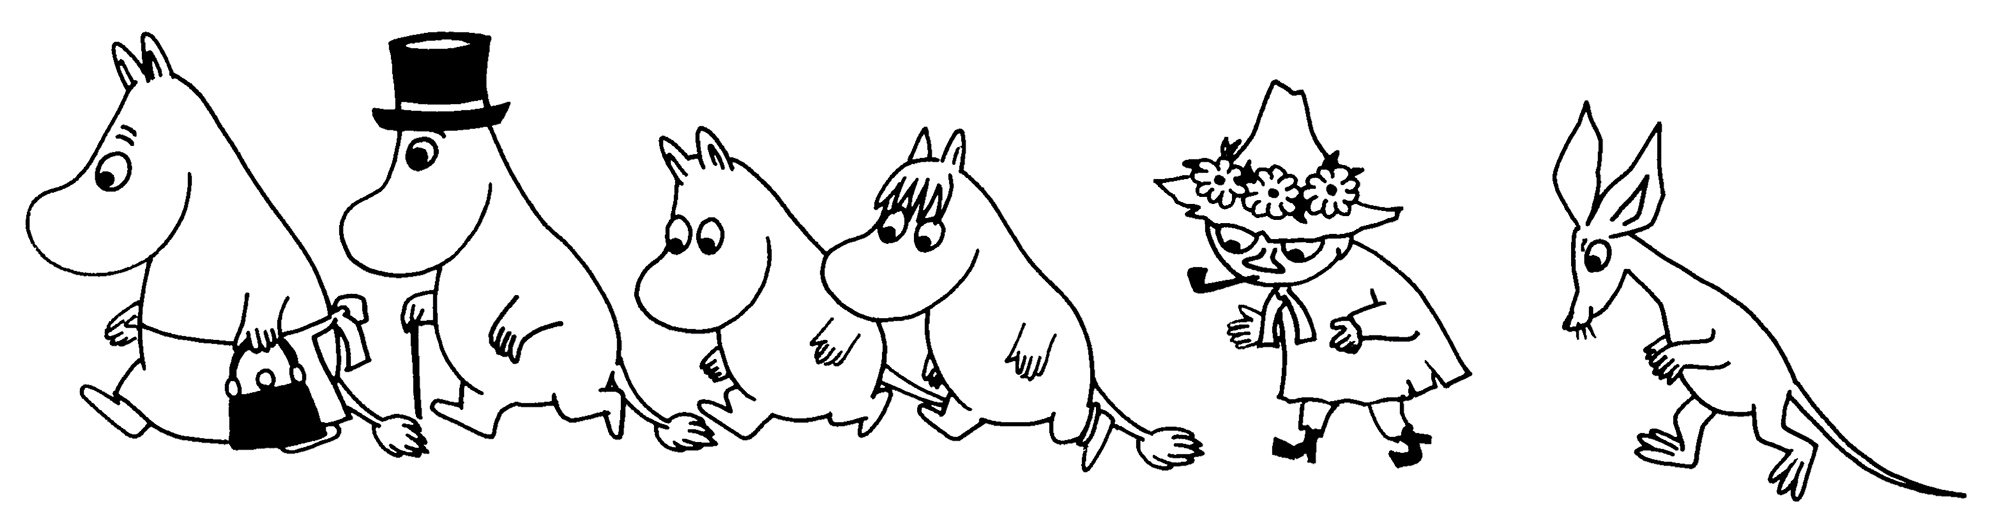 папе мумий тролль рисунки персонажей основе